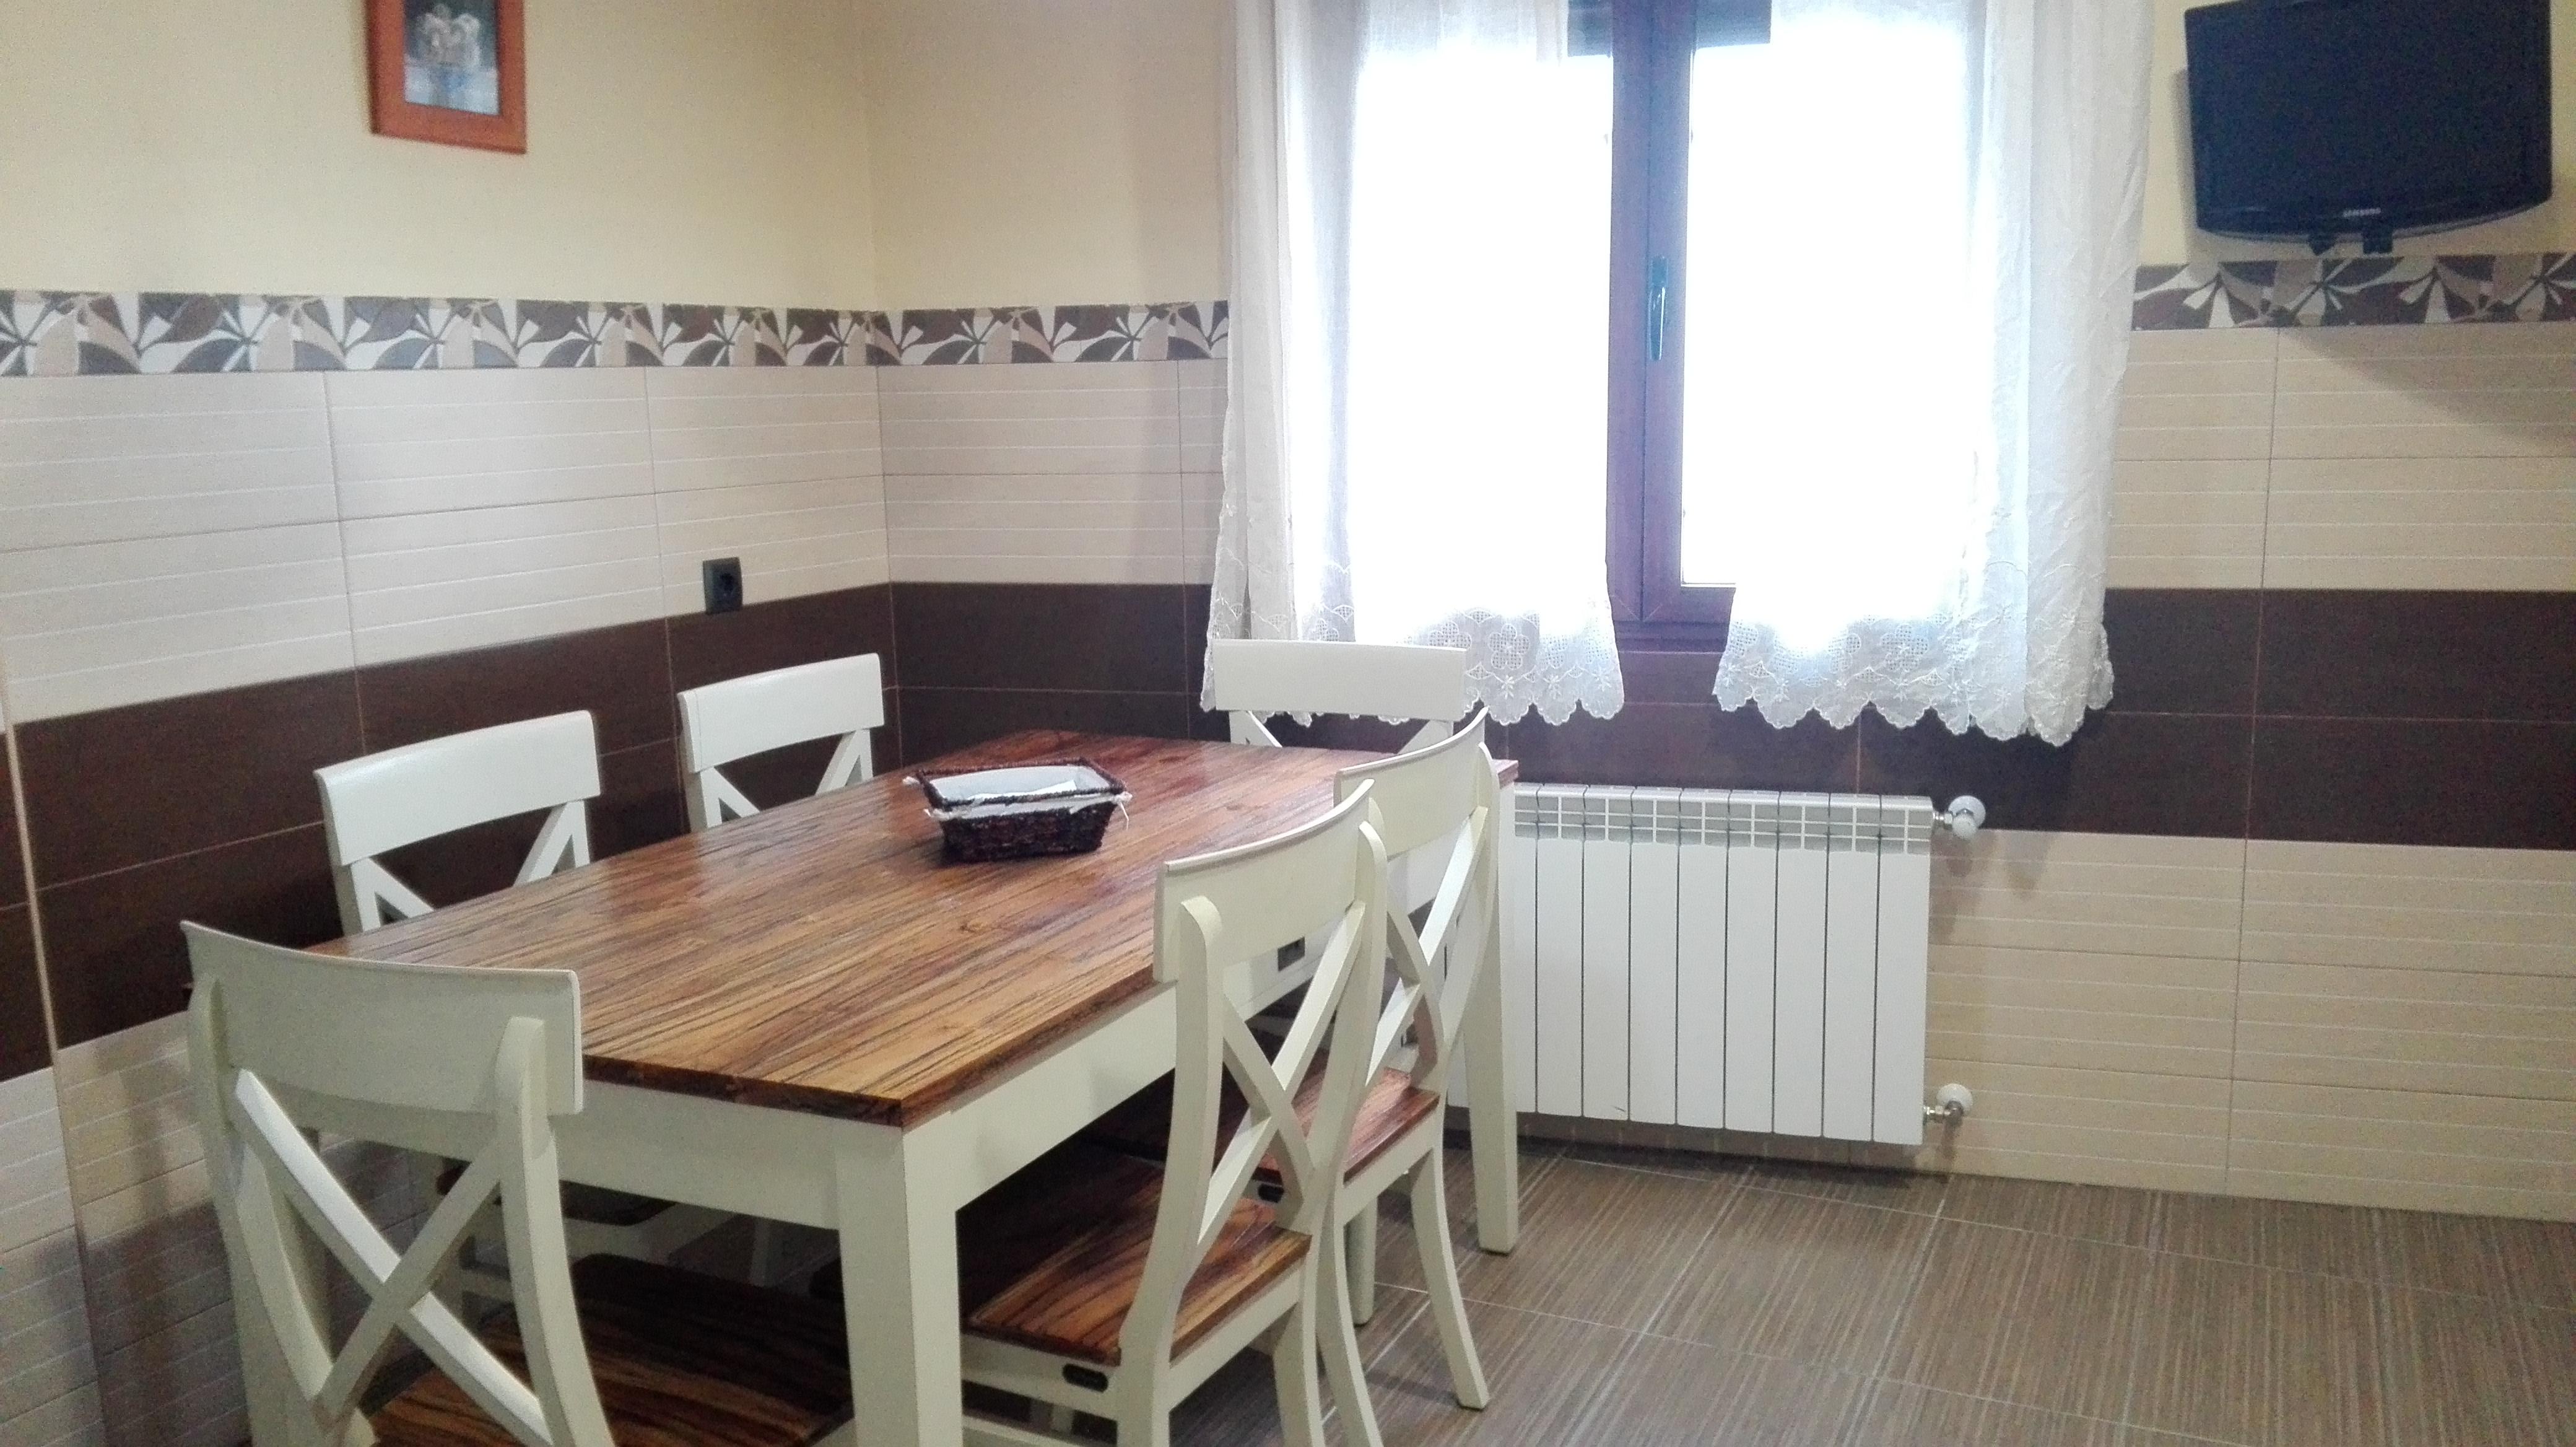 Cocina comedor casa rural el mirador y relax - Cocina casa rural ...